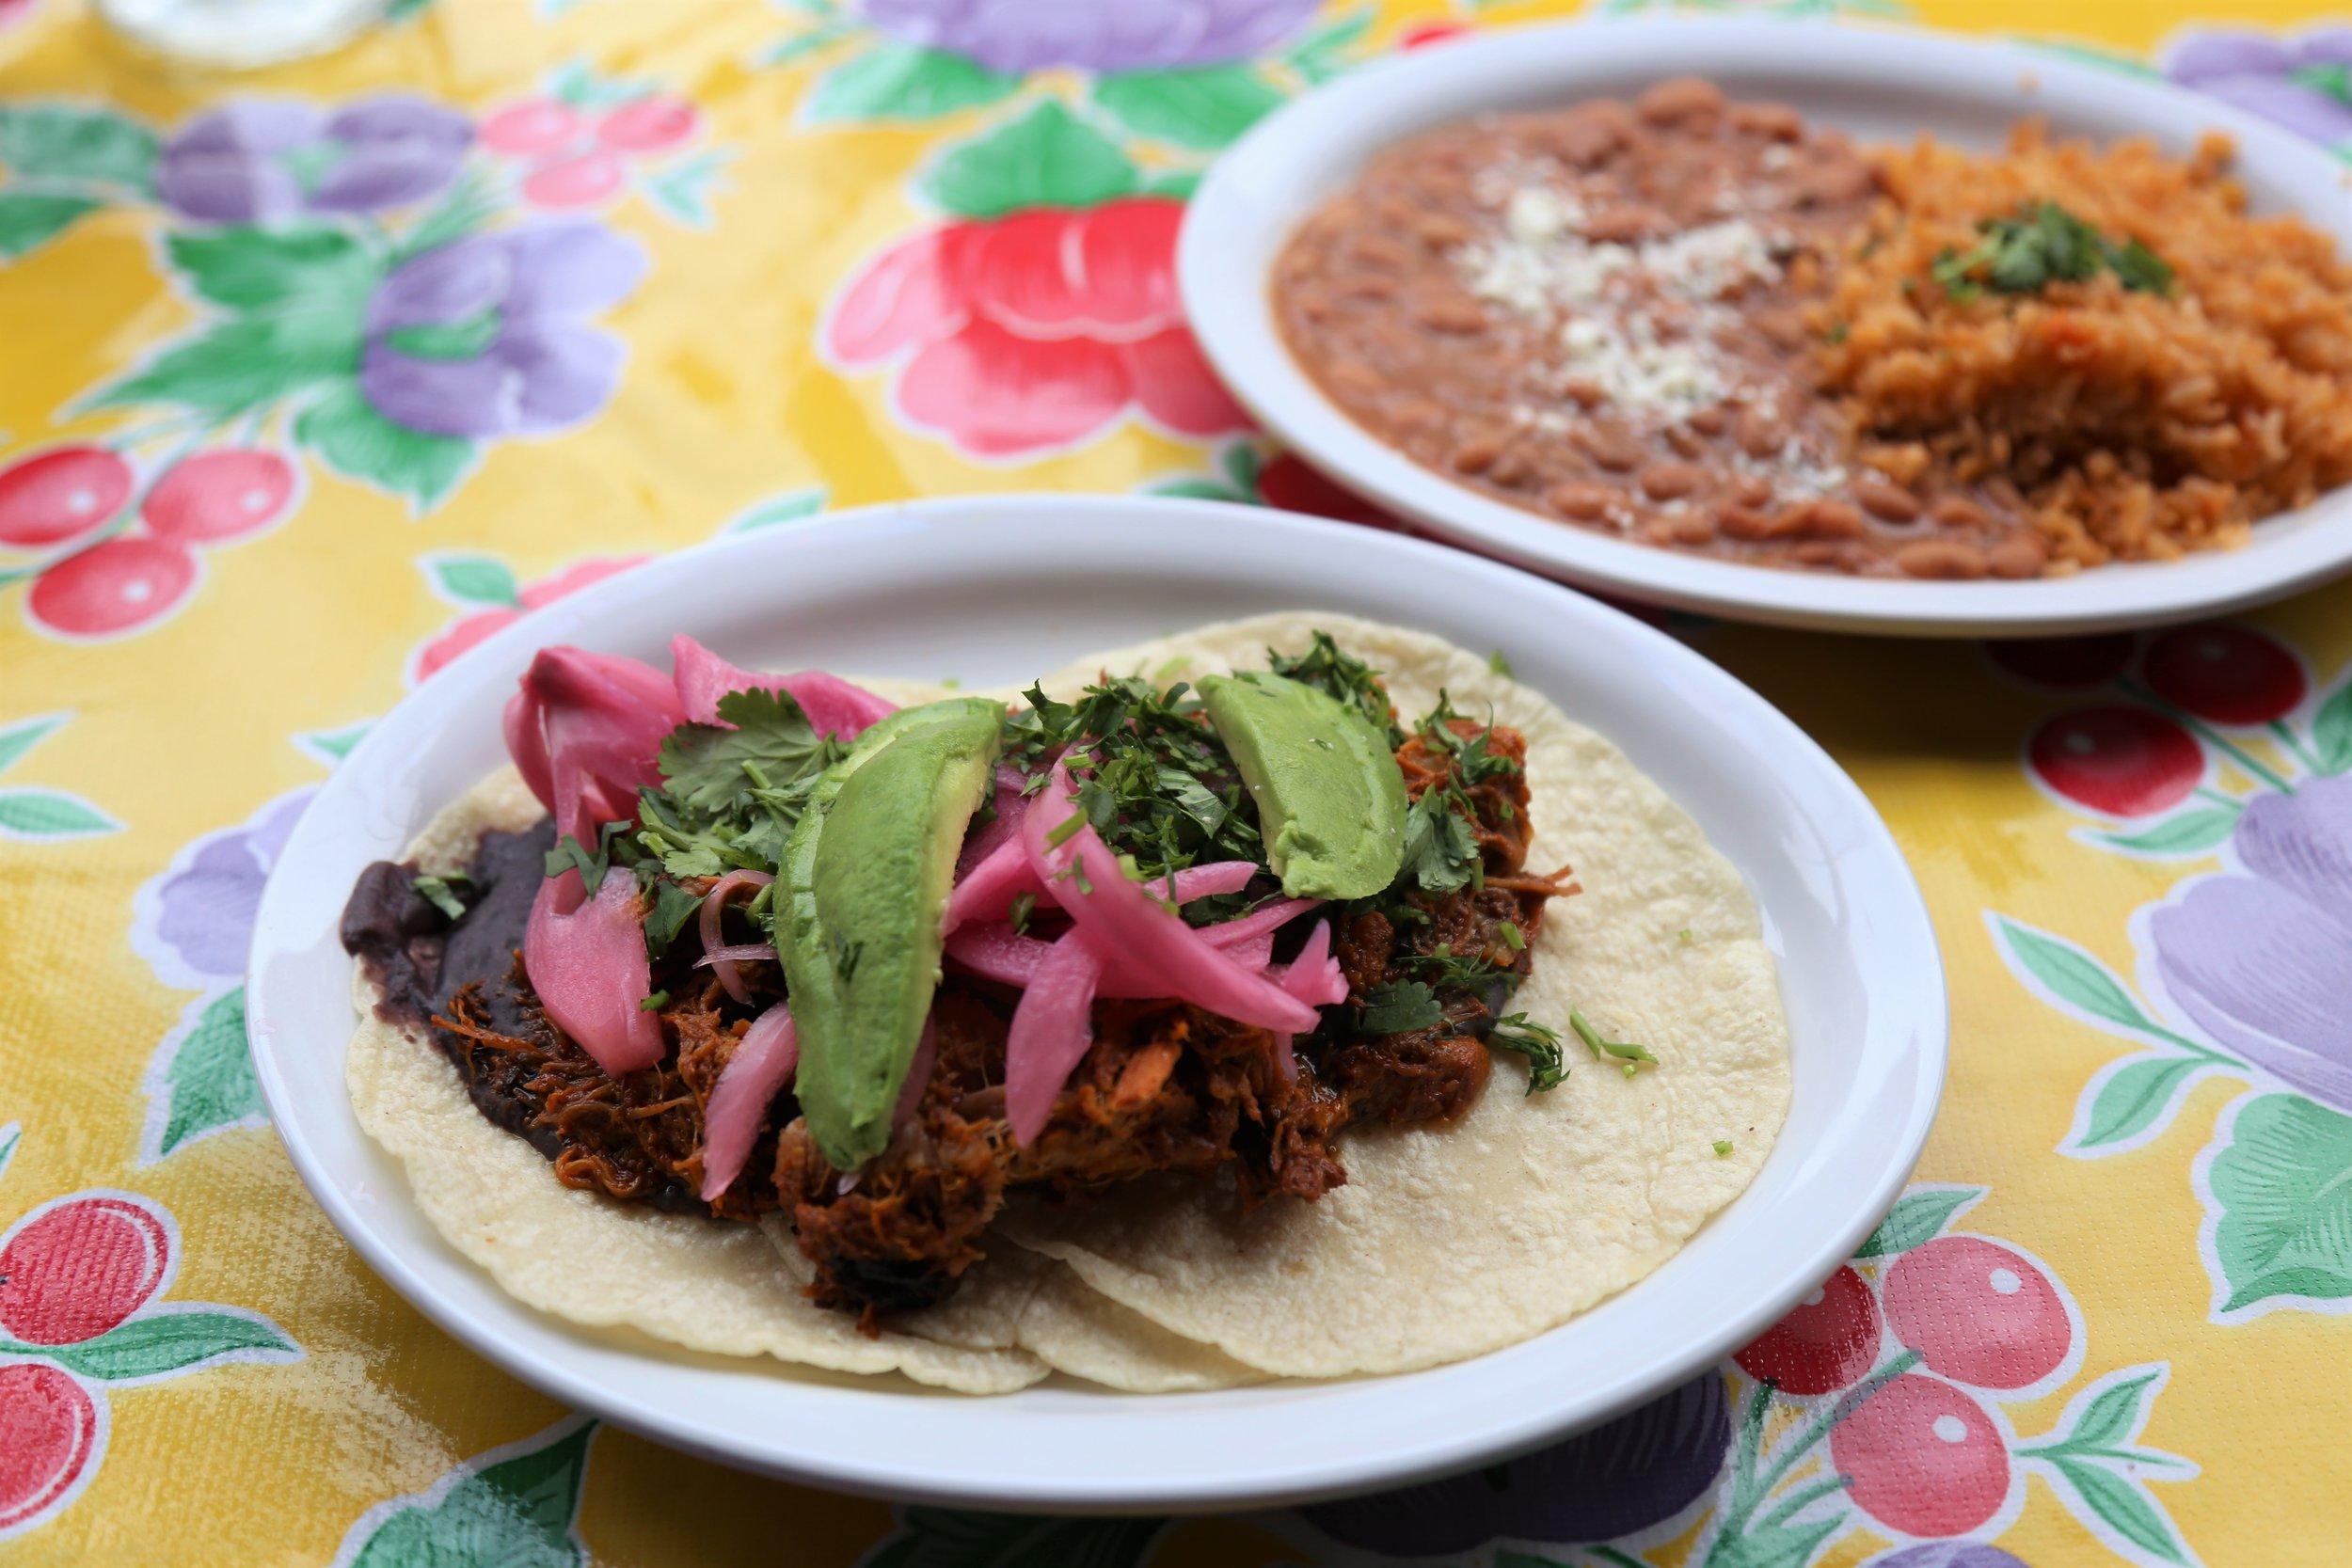 Pork tacos from Fonda La Catrina